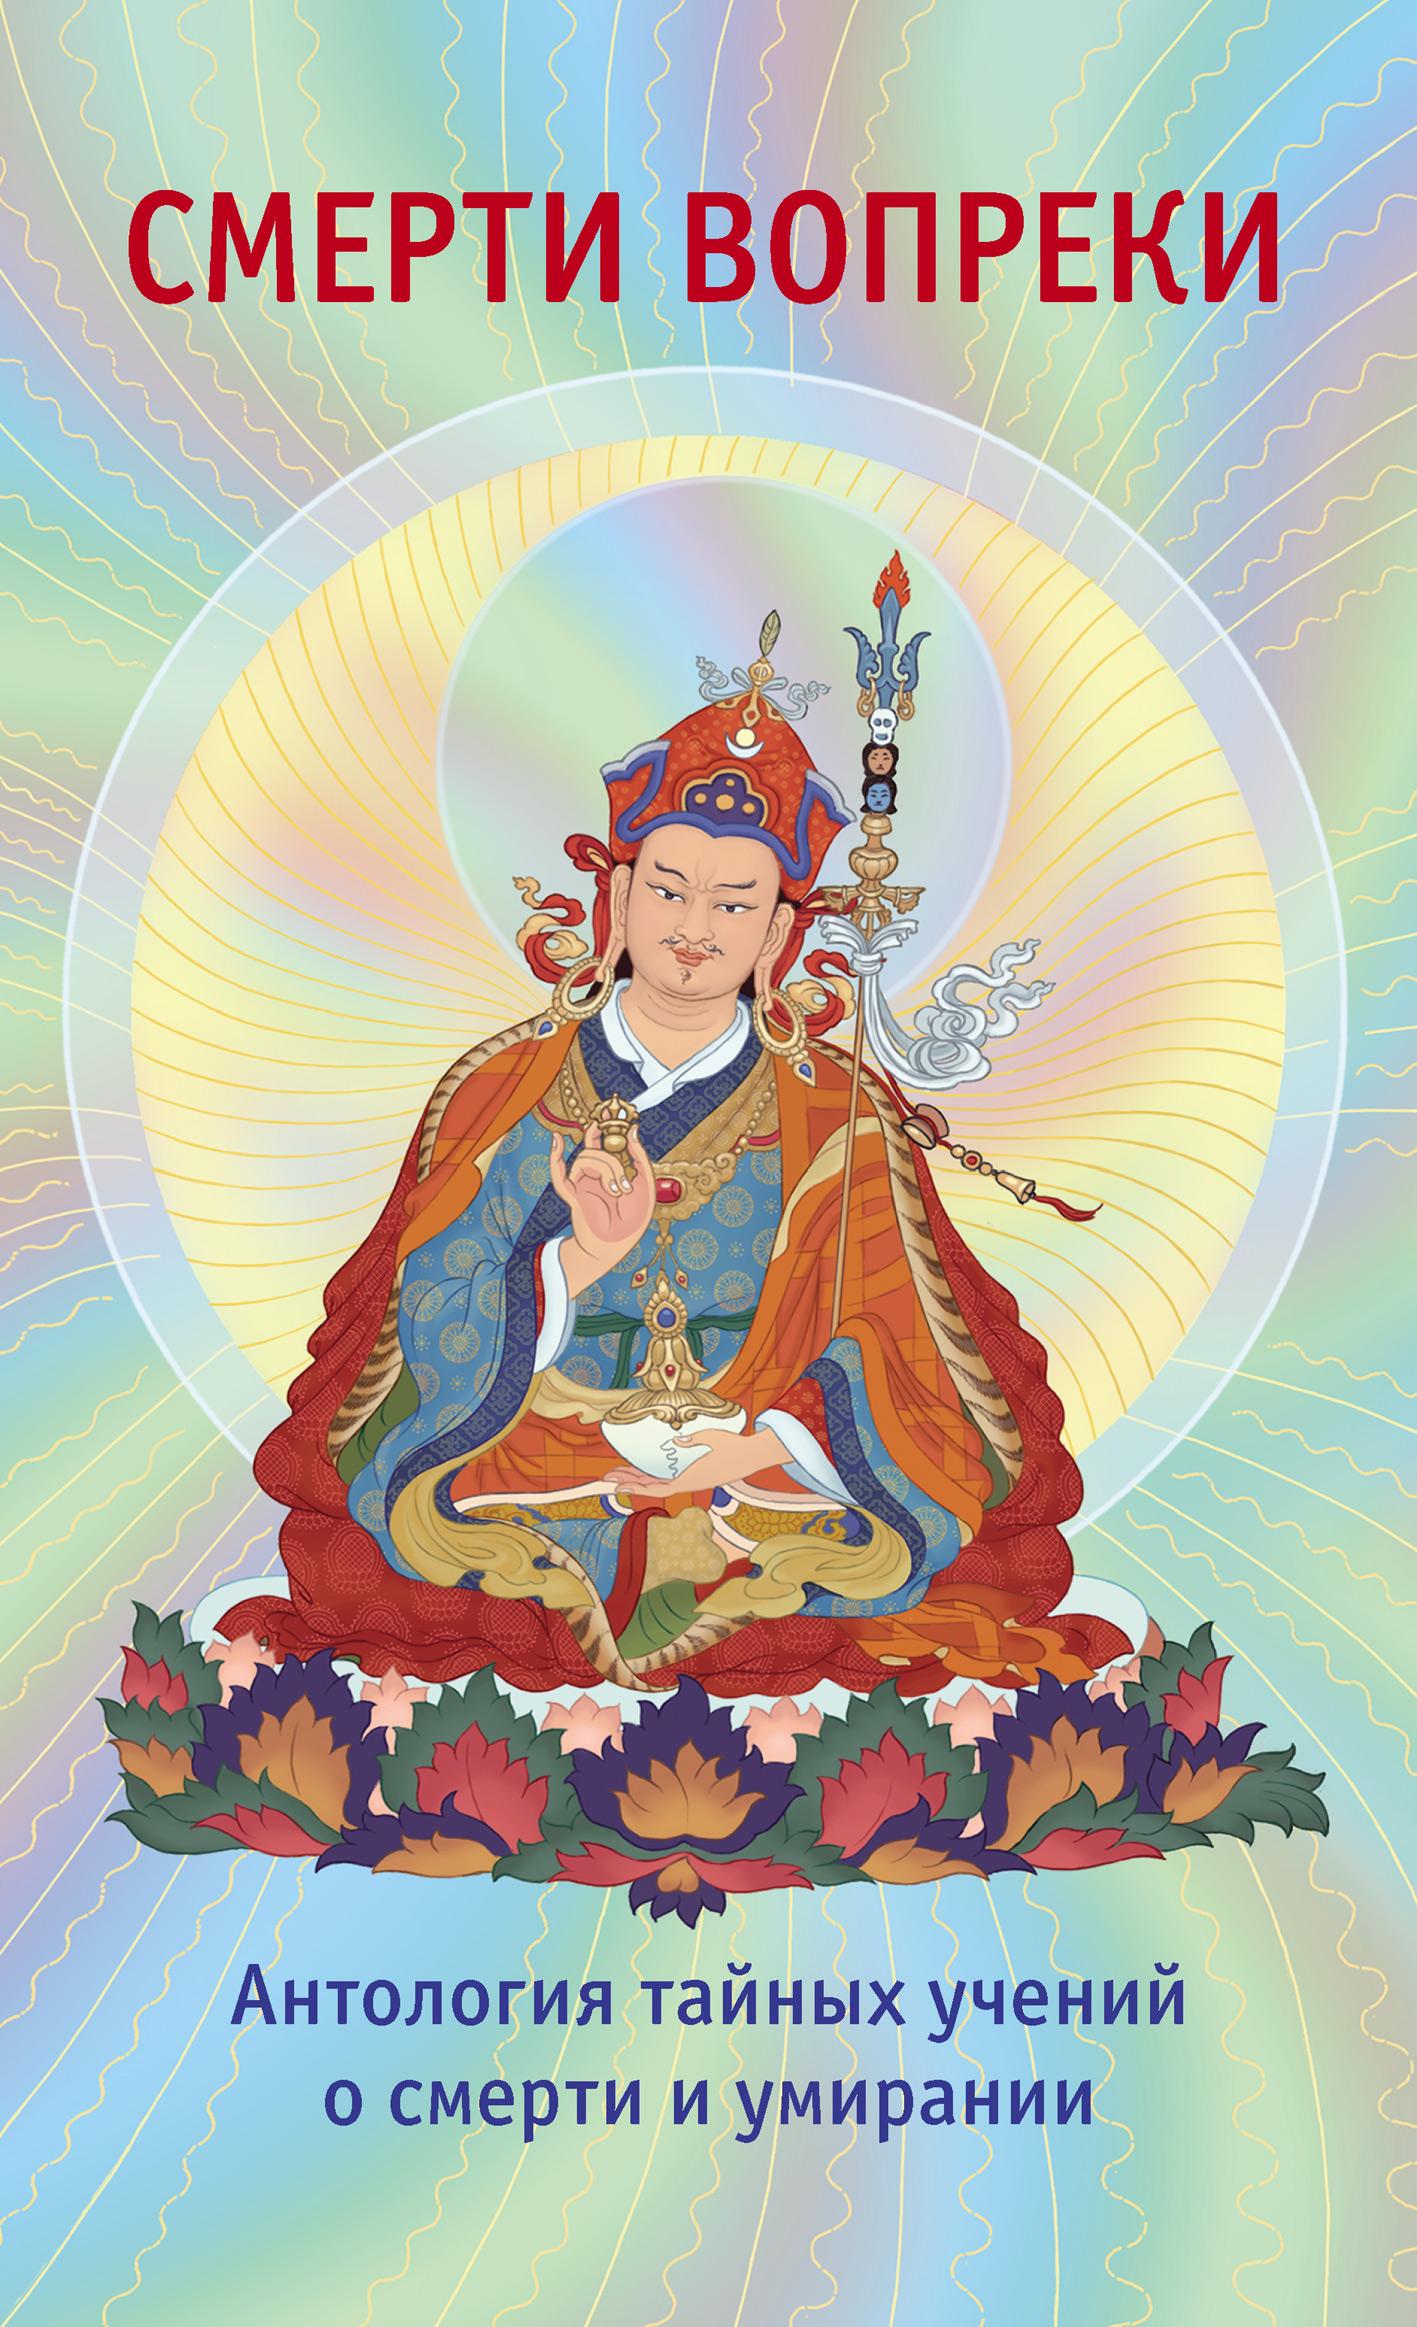 Смерти вопреки. Антология тайных учений о смерти и умирании традиции дзогчен тибетского буддизма